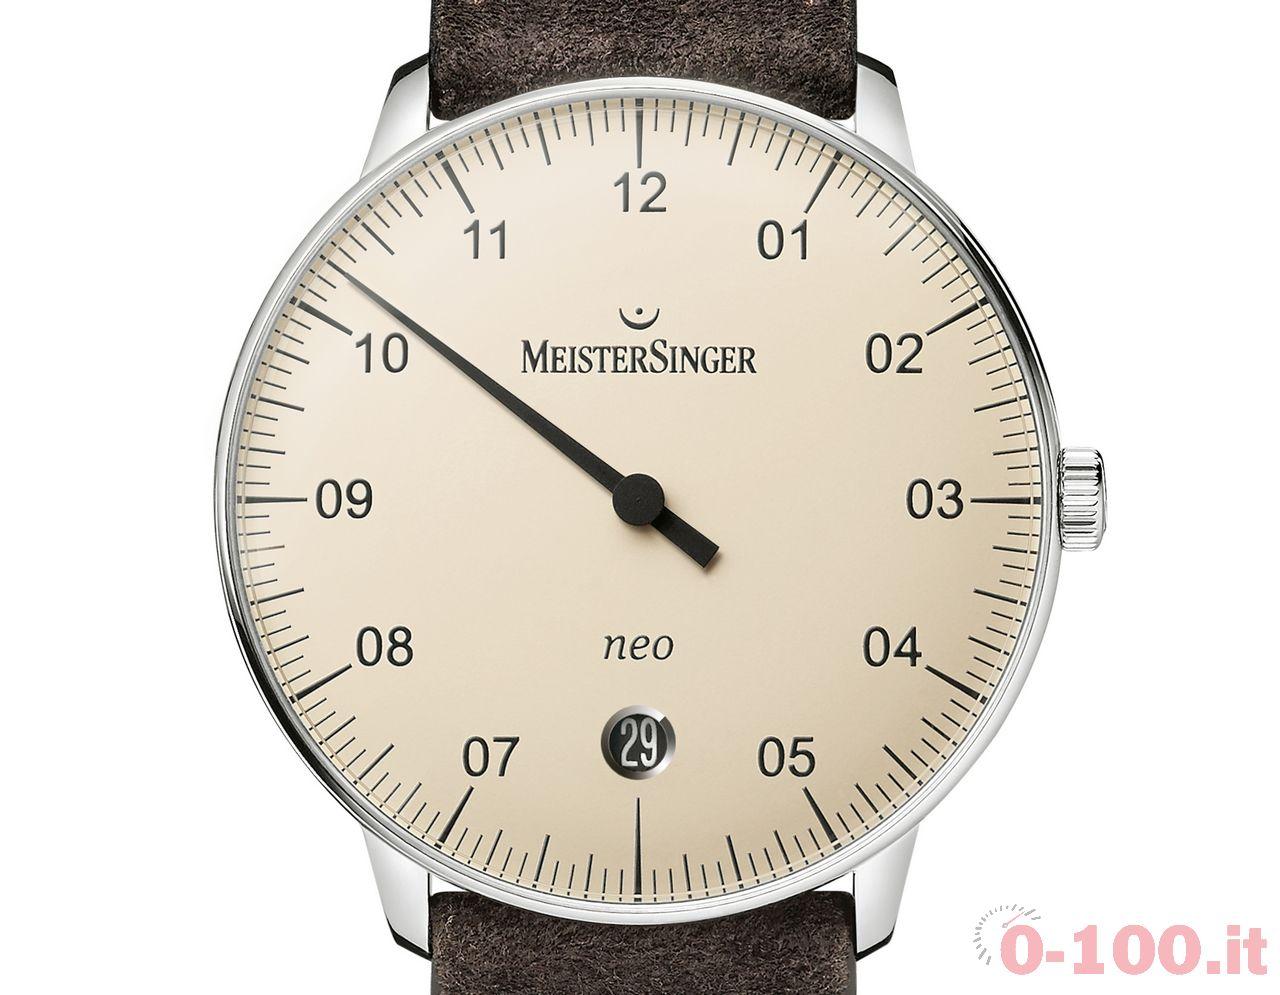 meistersinger-neo-baselworld-2015_0-1001